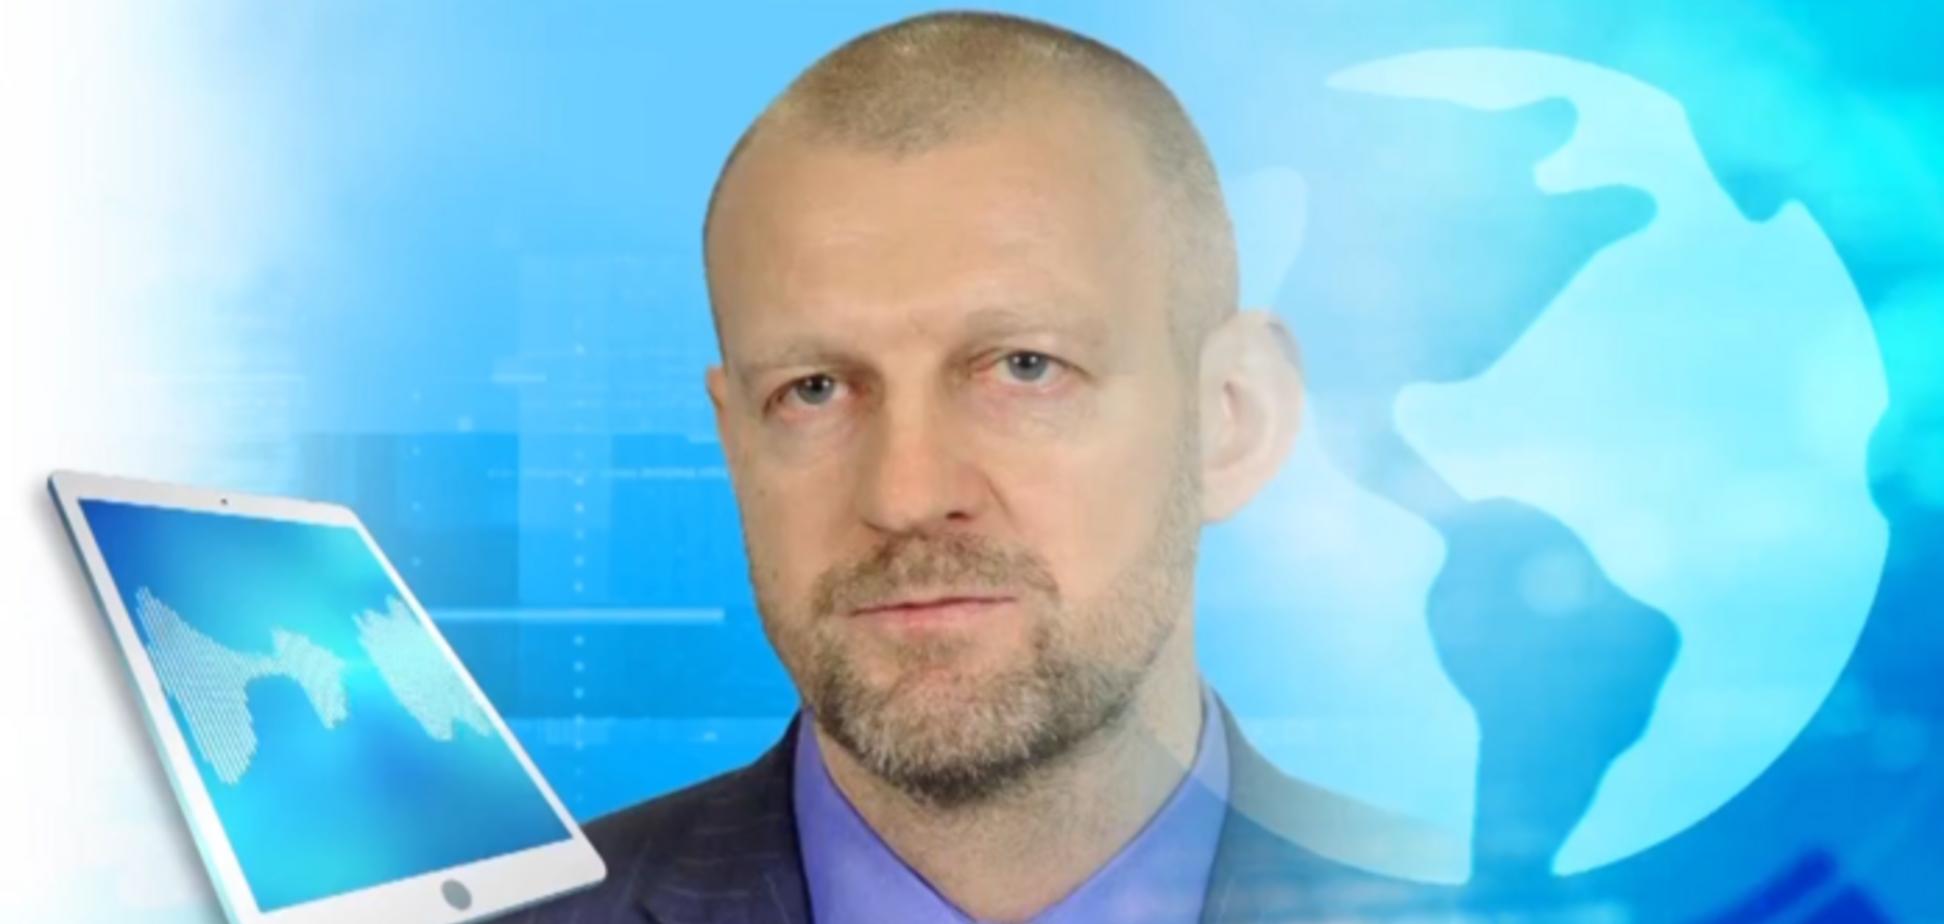 Россиян на украинских выборах не будет, даже от ОБСЕ: нардеп рассказал о подготовке закона